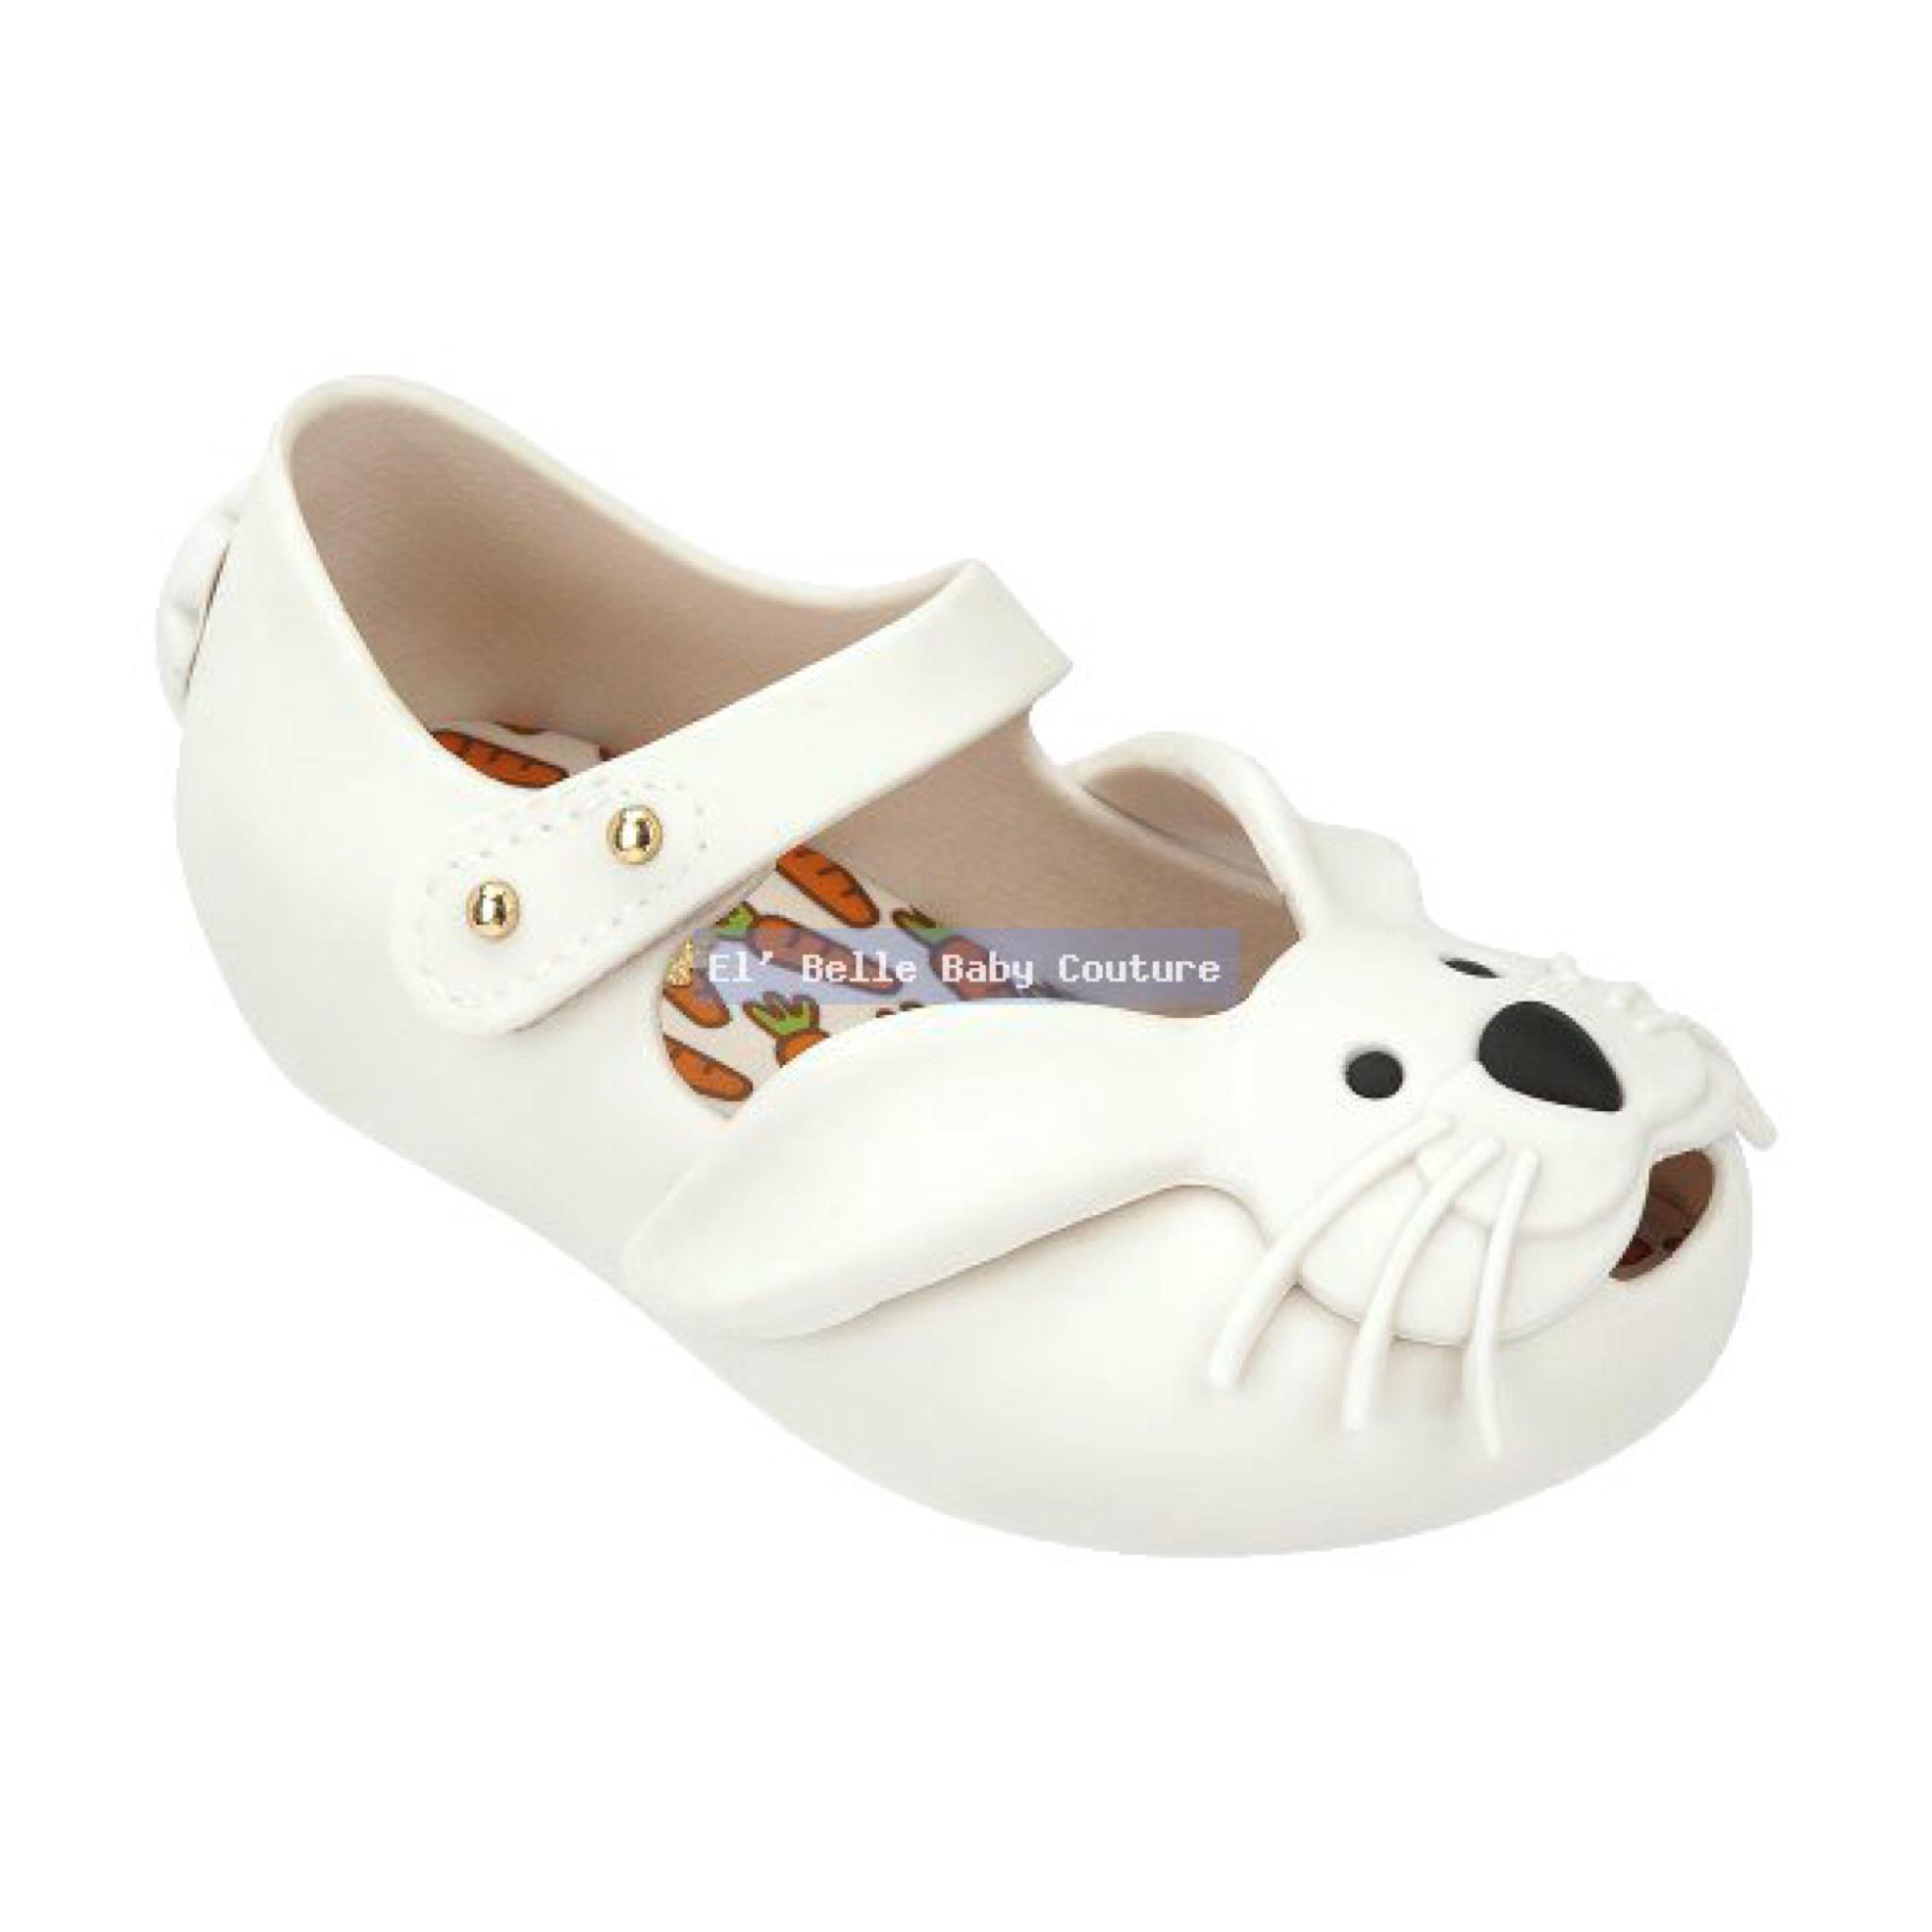 รองเท้ากระต่ายน้อยยอดฮิตสำหรับลูกสาว Mini Melissa Ultragirl Rabbit (Ivory White)